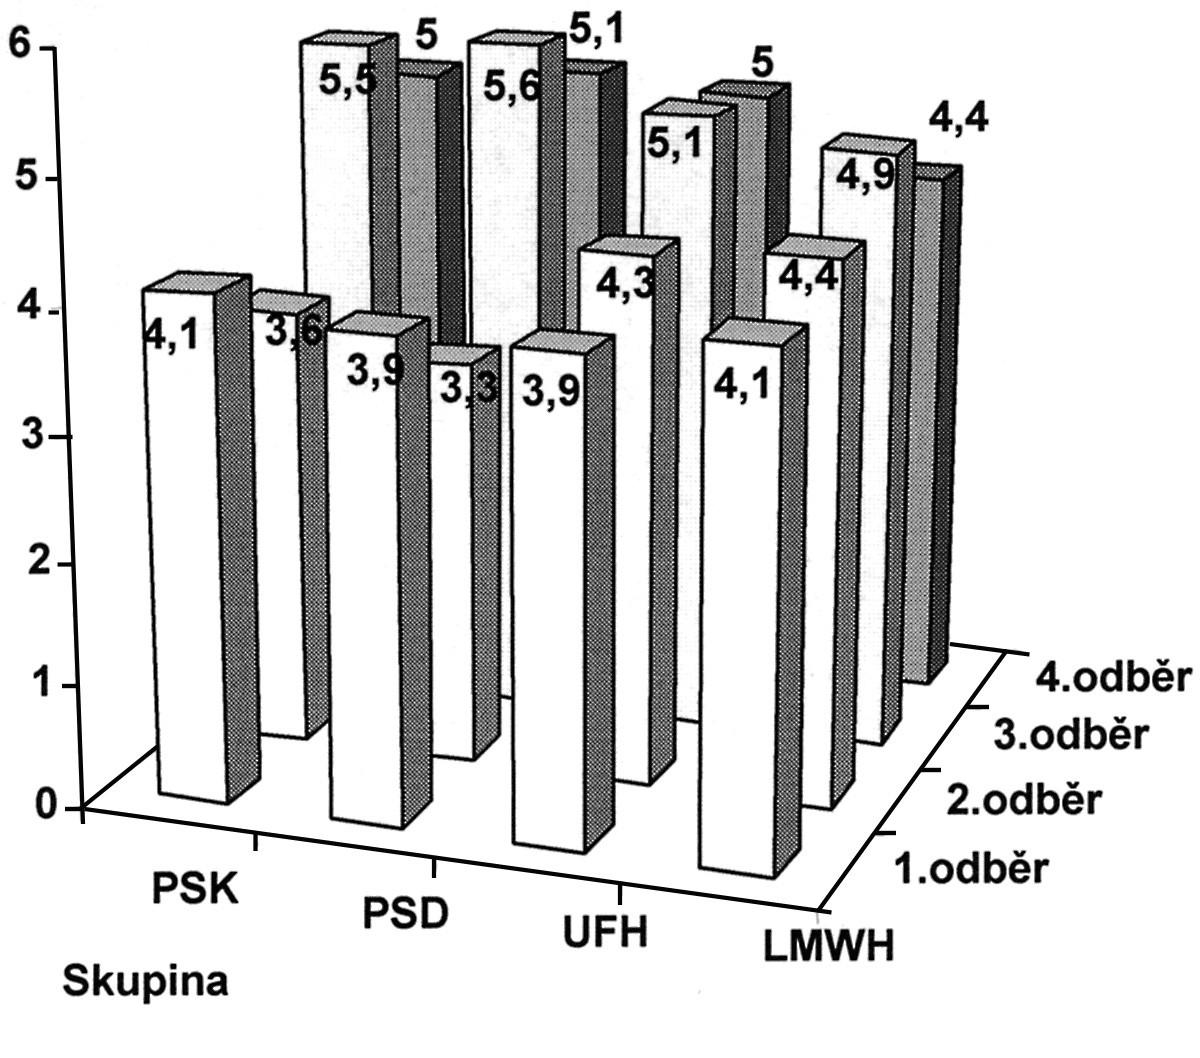 Naměřené průměrné hodnoty ve skupinách v čase i mezi skupinami pro Fibrinogen (Fbg) Graph 3. Fibrinogen (Fbg) mean values recorded within the groups over a period of time and between the groups